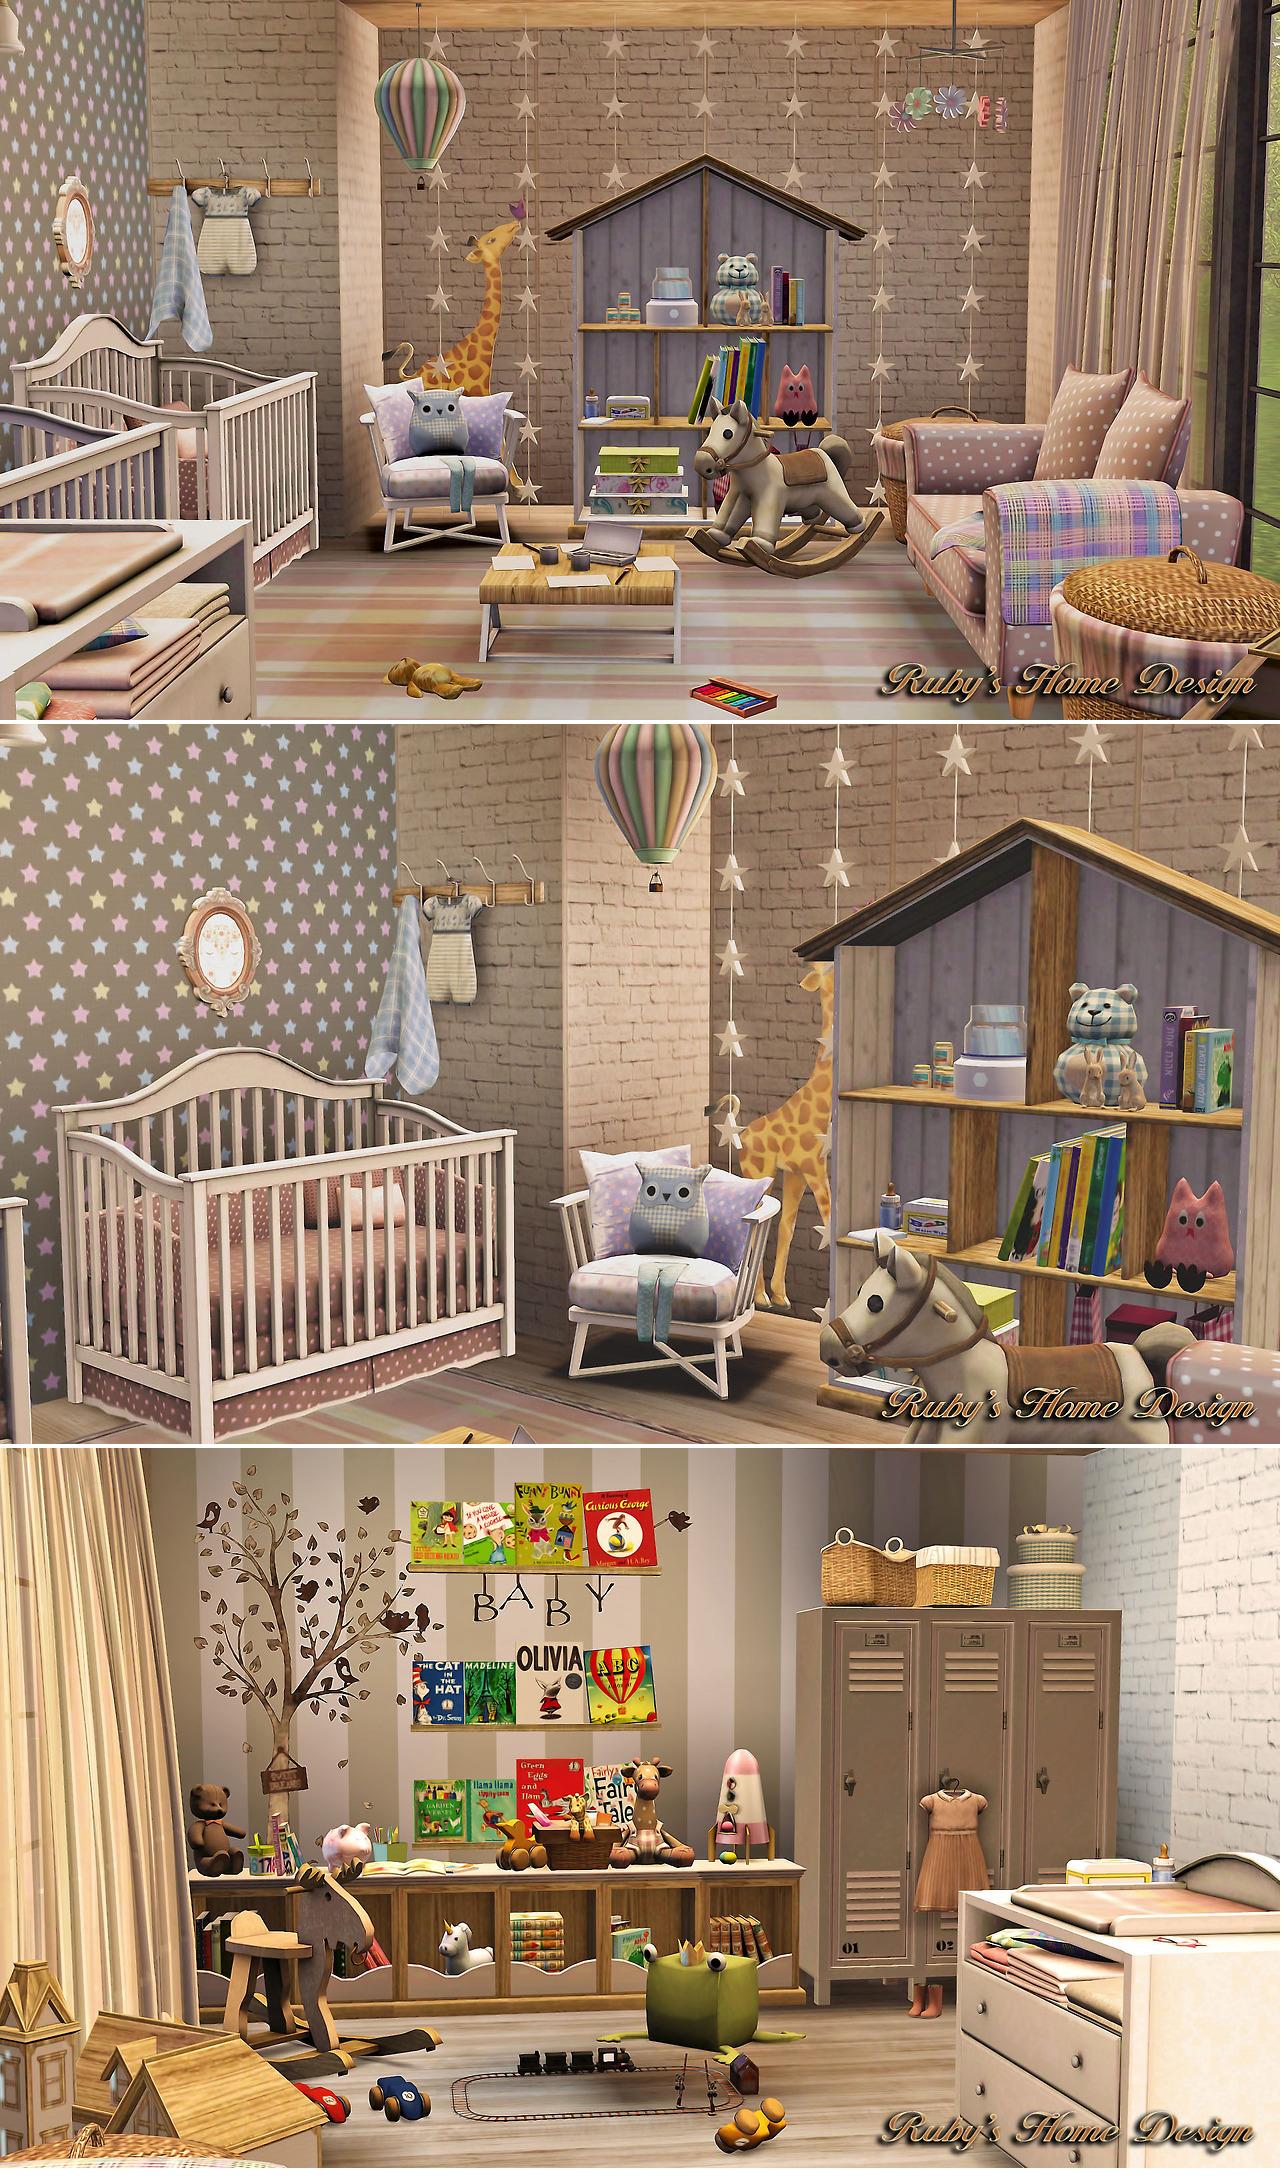 sims 4 baby boy nursery the sims 4 pinterest sims nursery